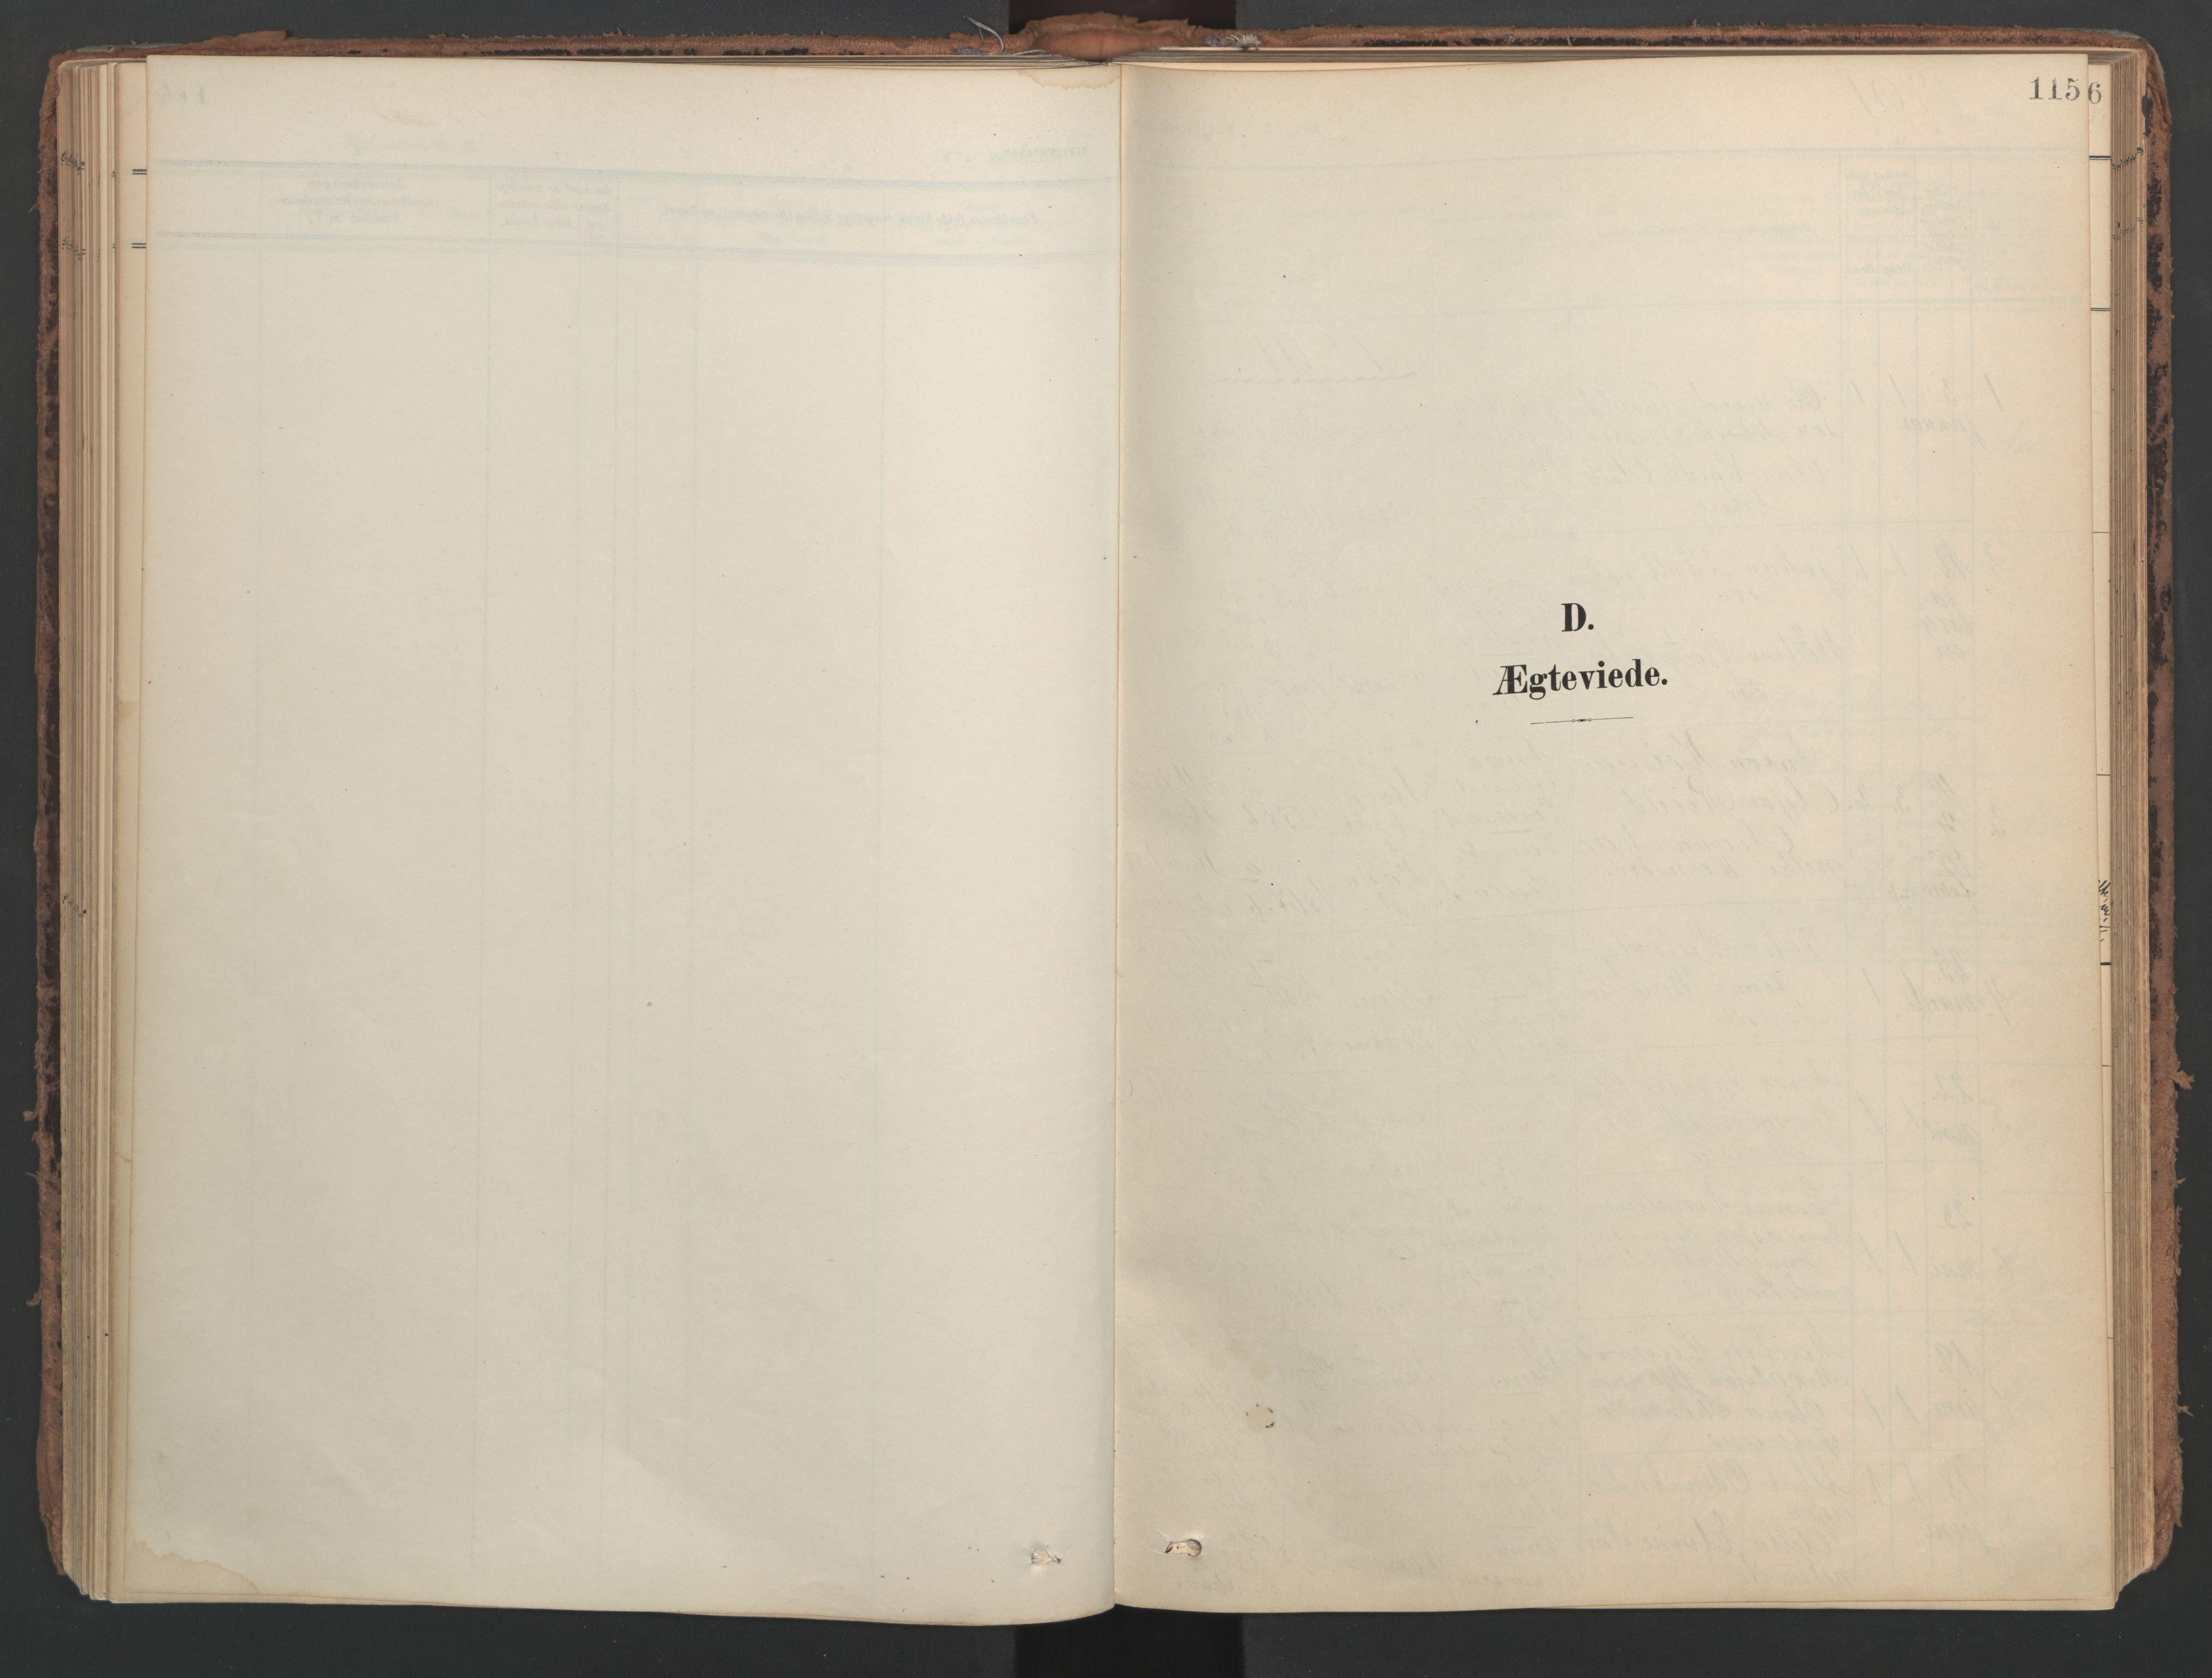 SAT, Ministerialprotokoller, klokkerbøker og fødselsregistre - Nord-Trøndelag, 741/L0397: Ministerialbok nr. 741A11, 1901-1911, s. 115